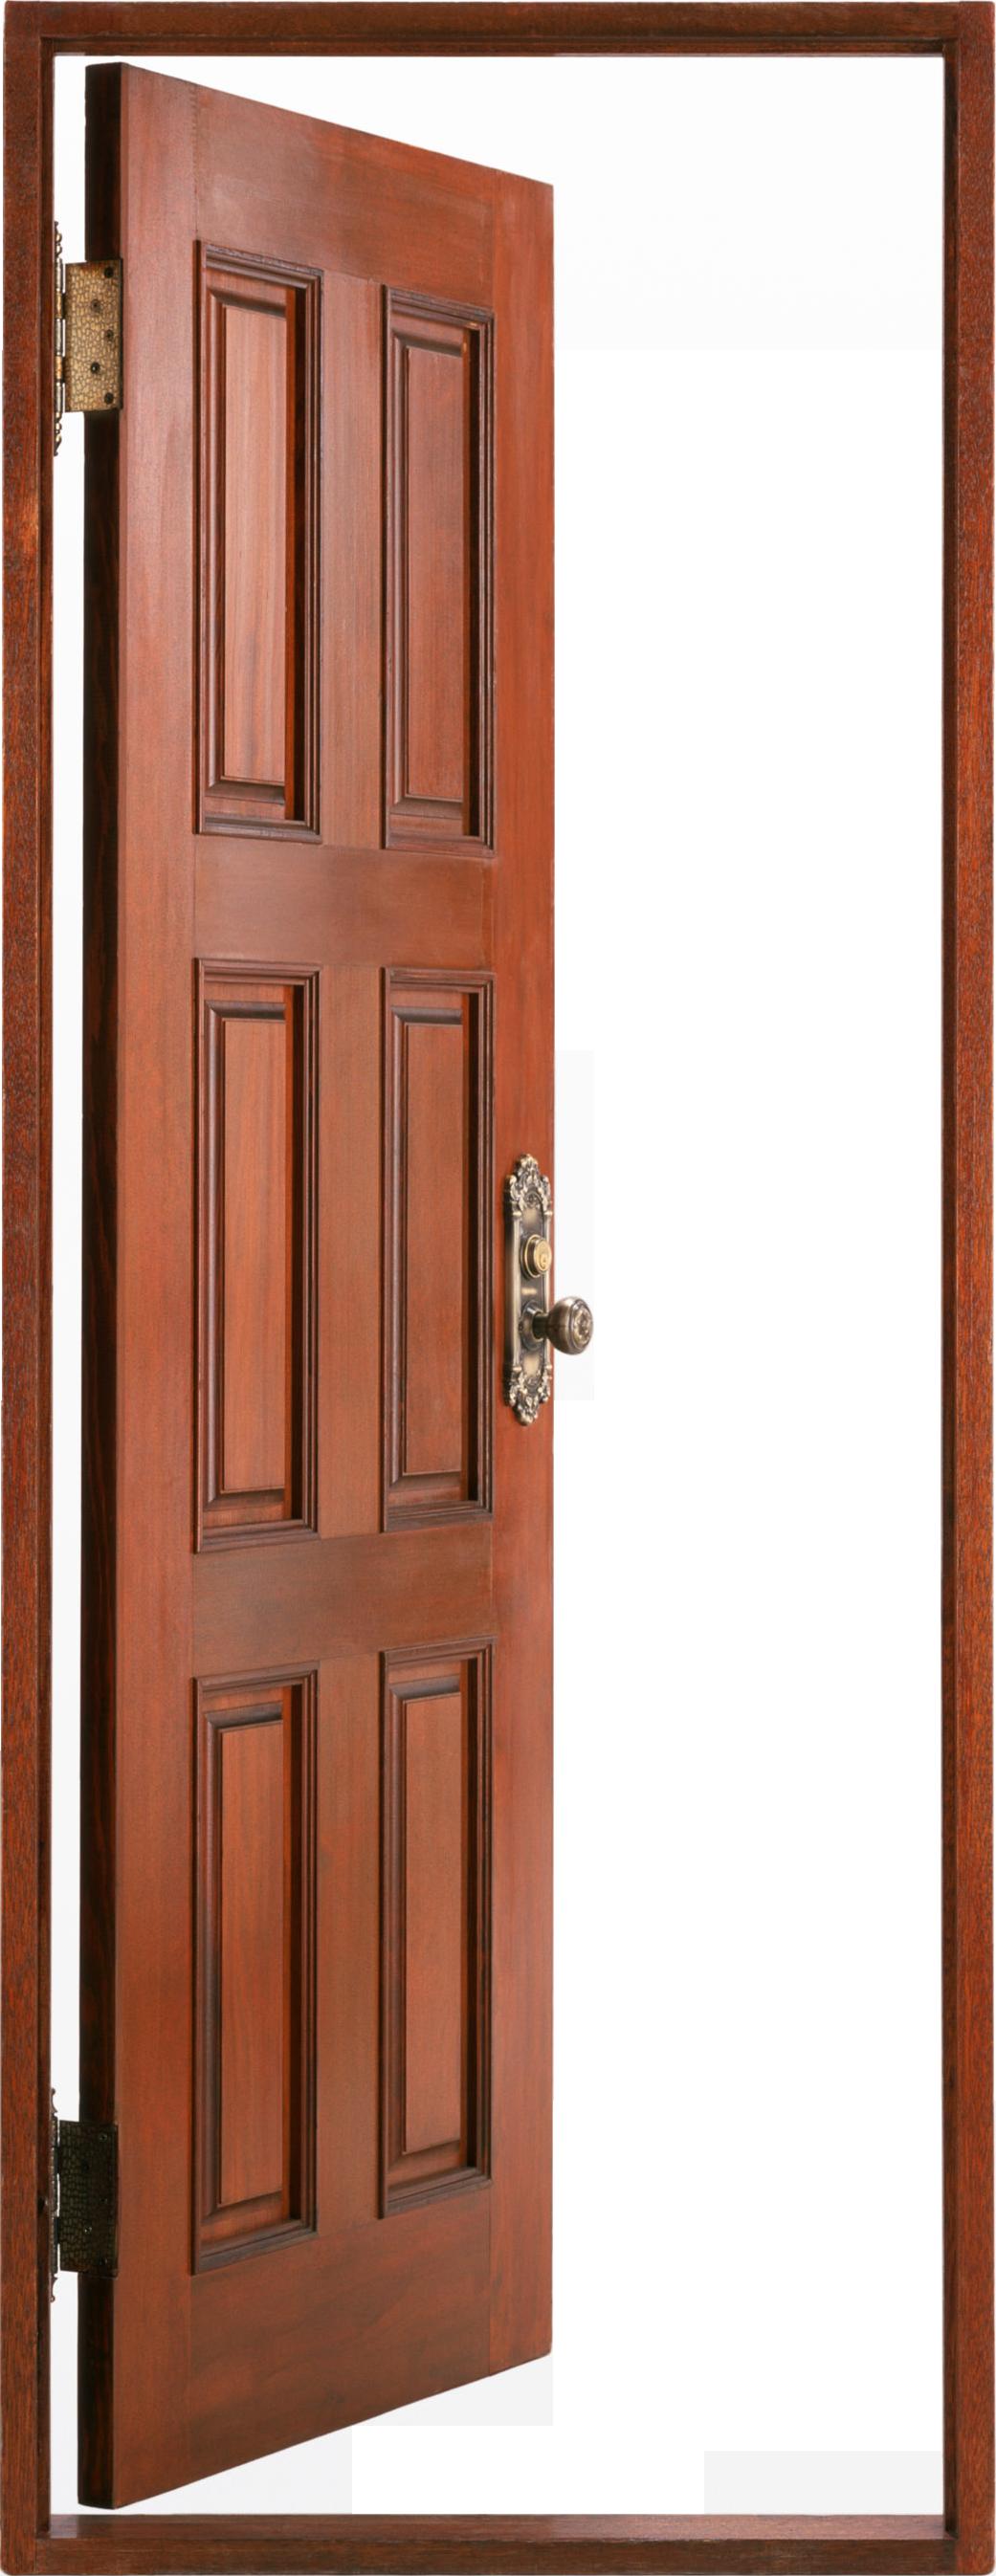 banner Png images wood open. Door transparent